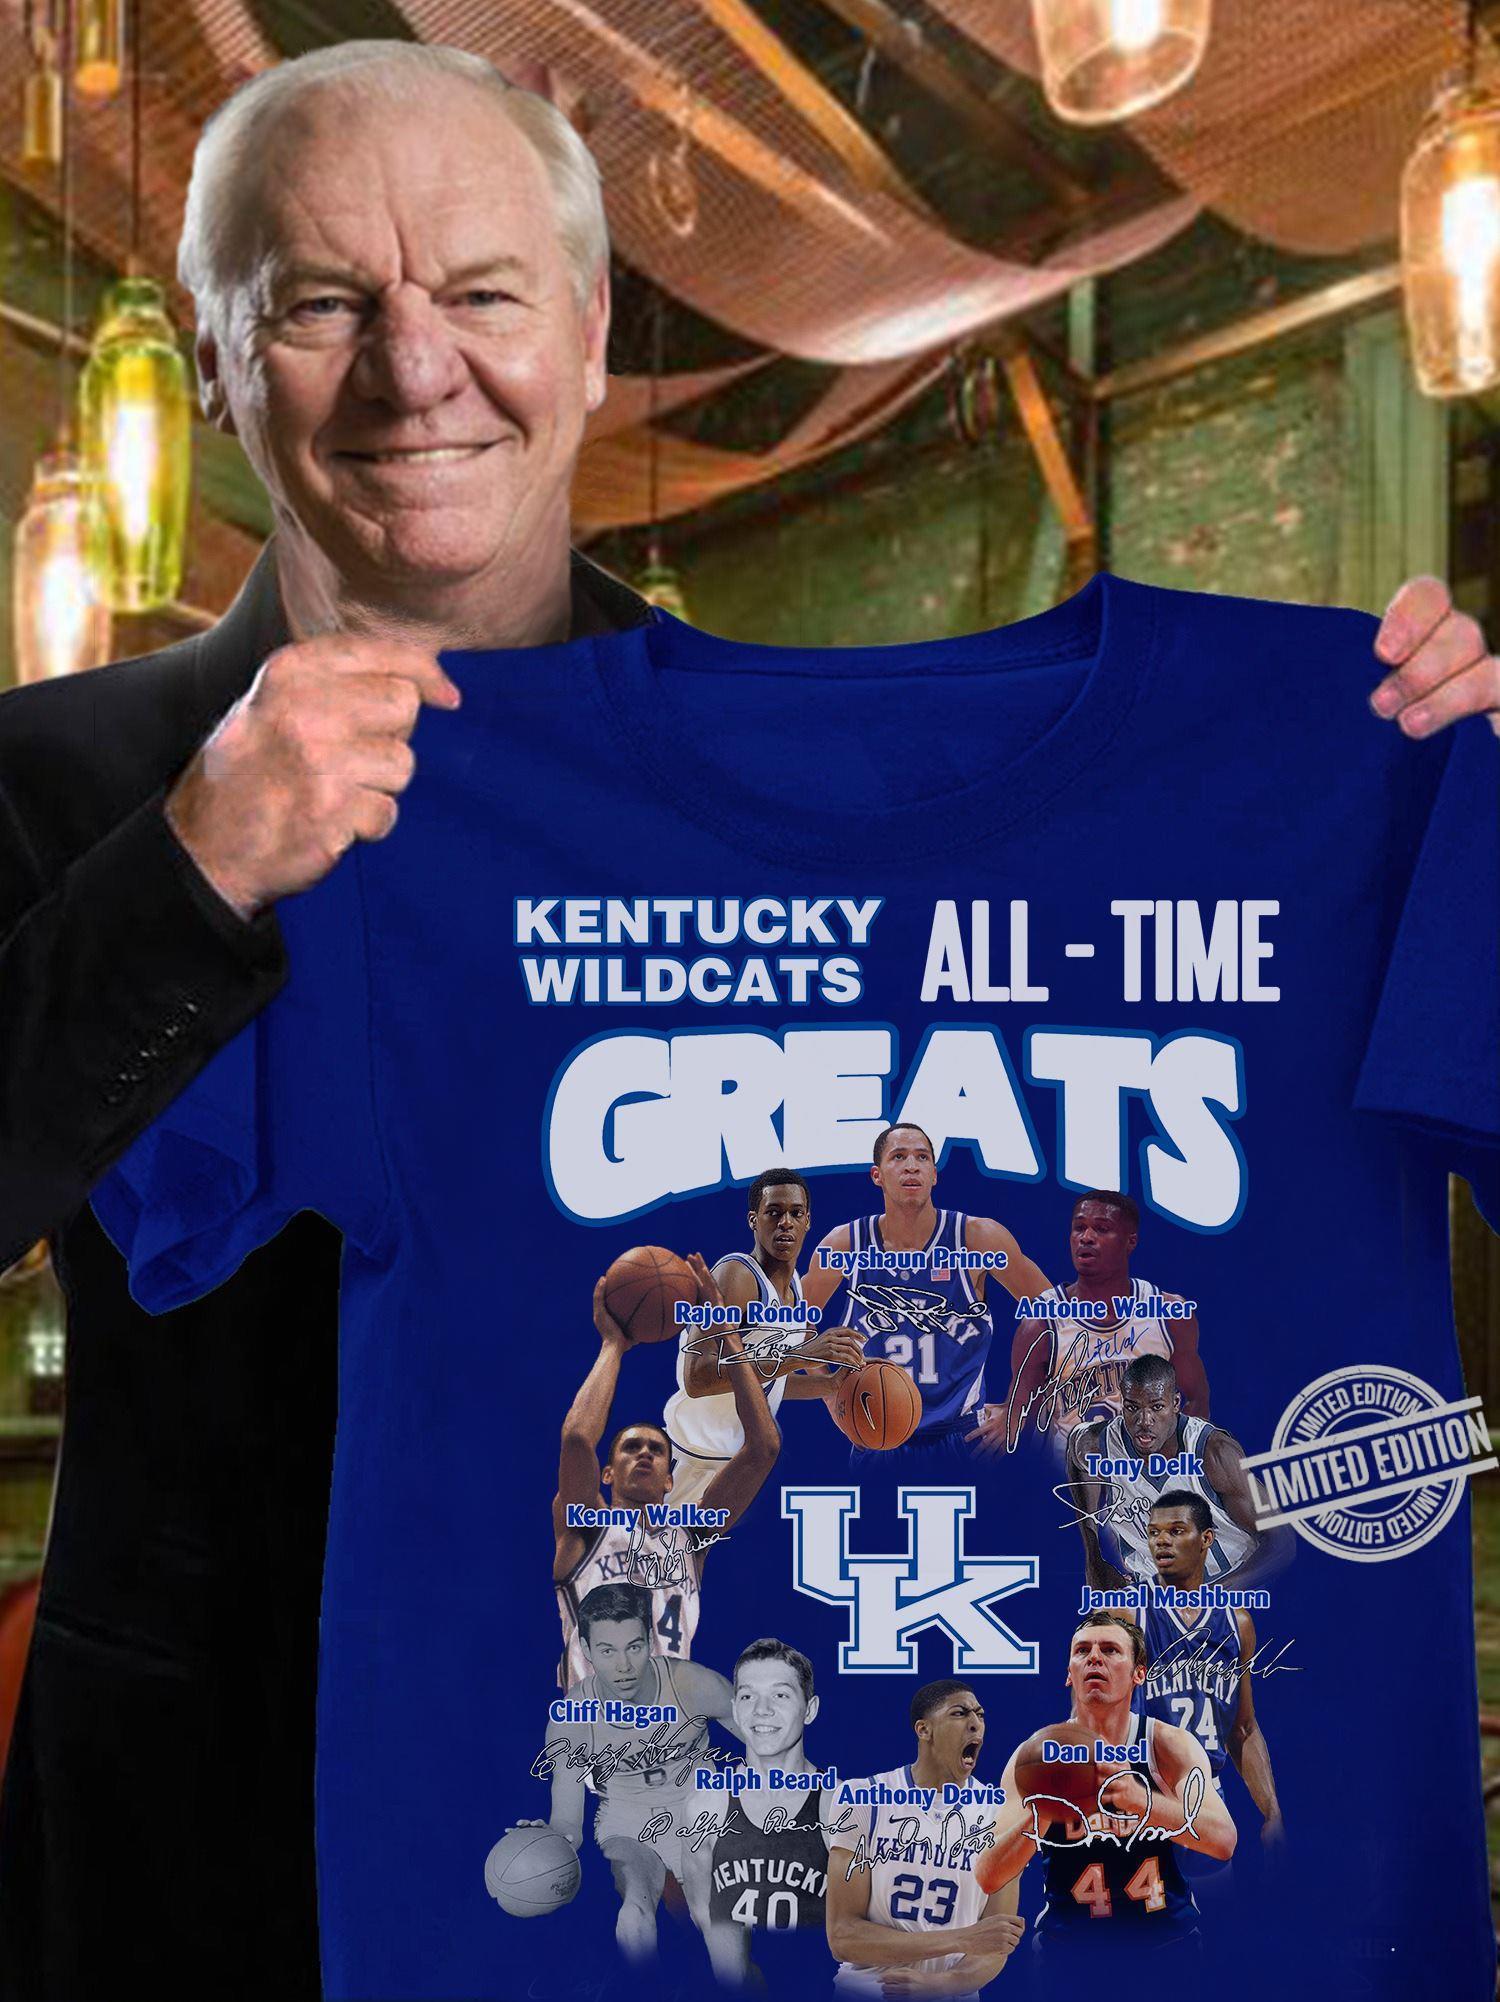 Kentucky Wildcats All-Time Greats Shirt